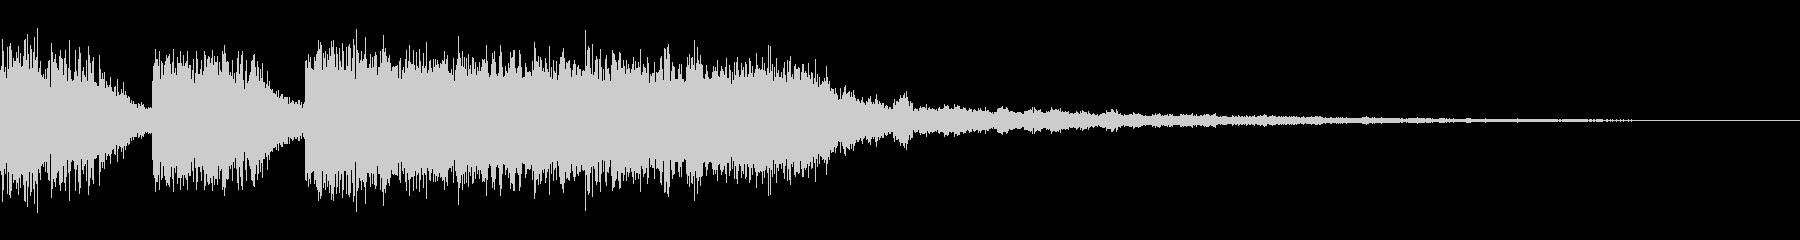 【ロゴ、ジングル】EDM01の未再生の波形